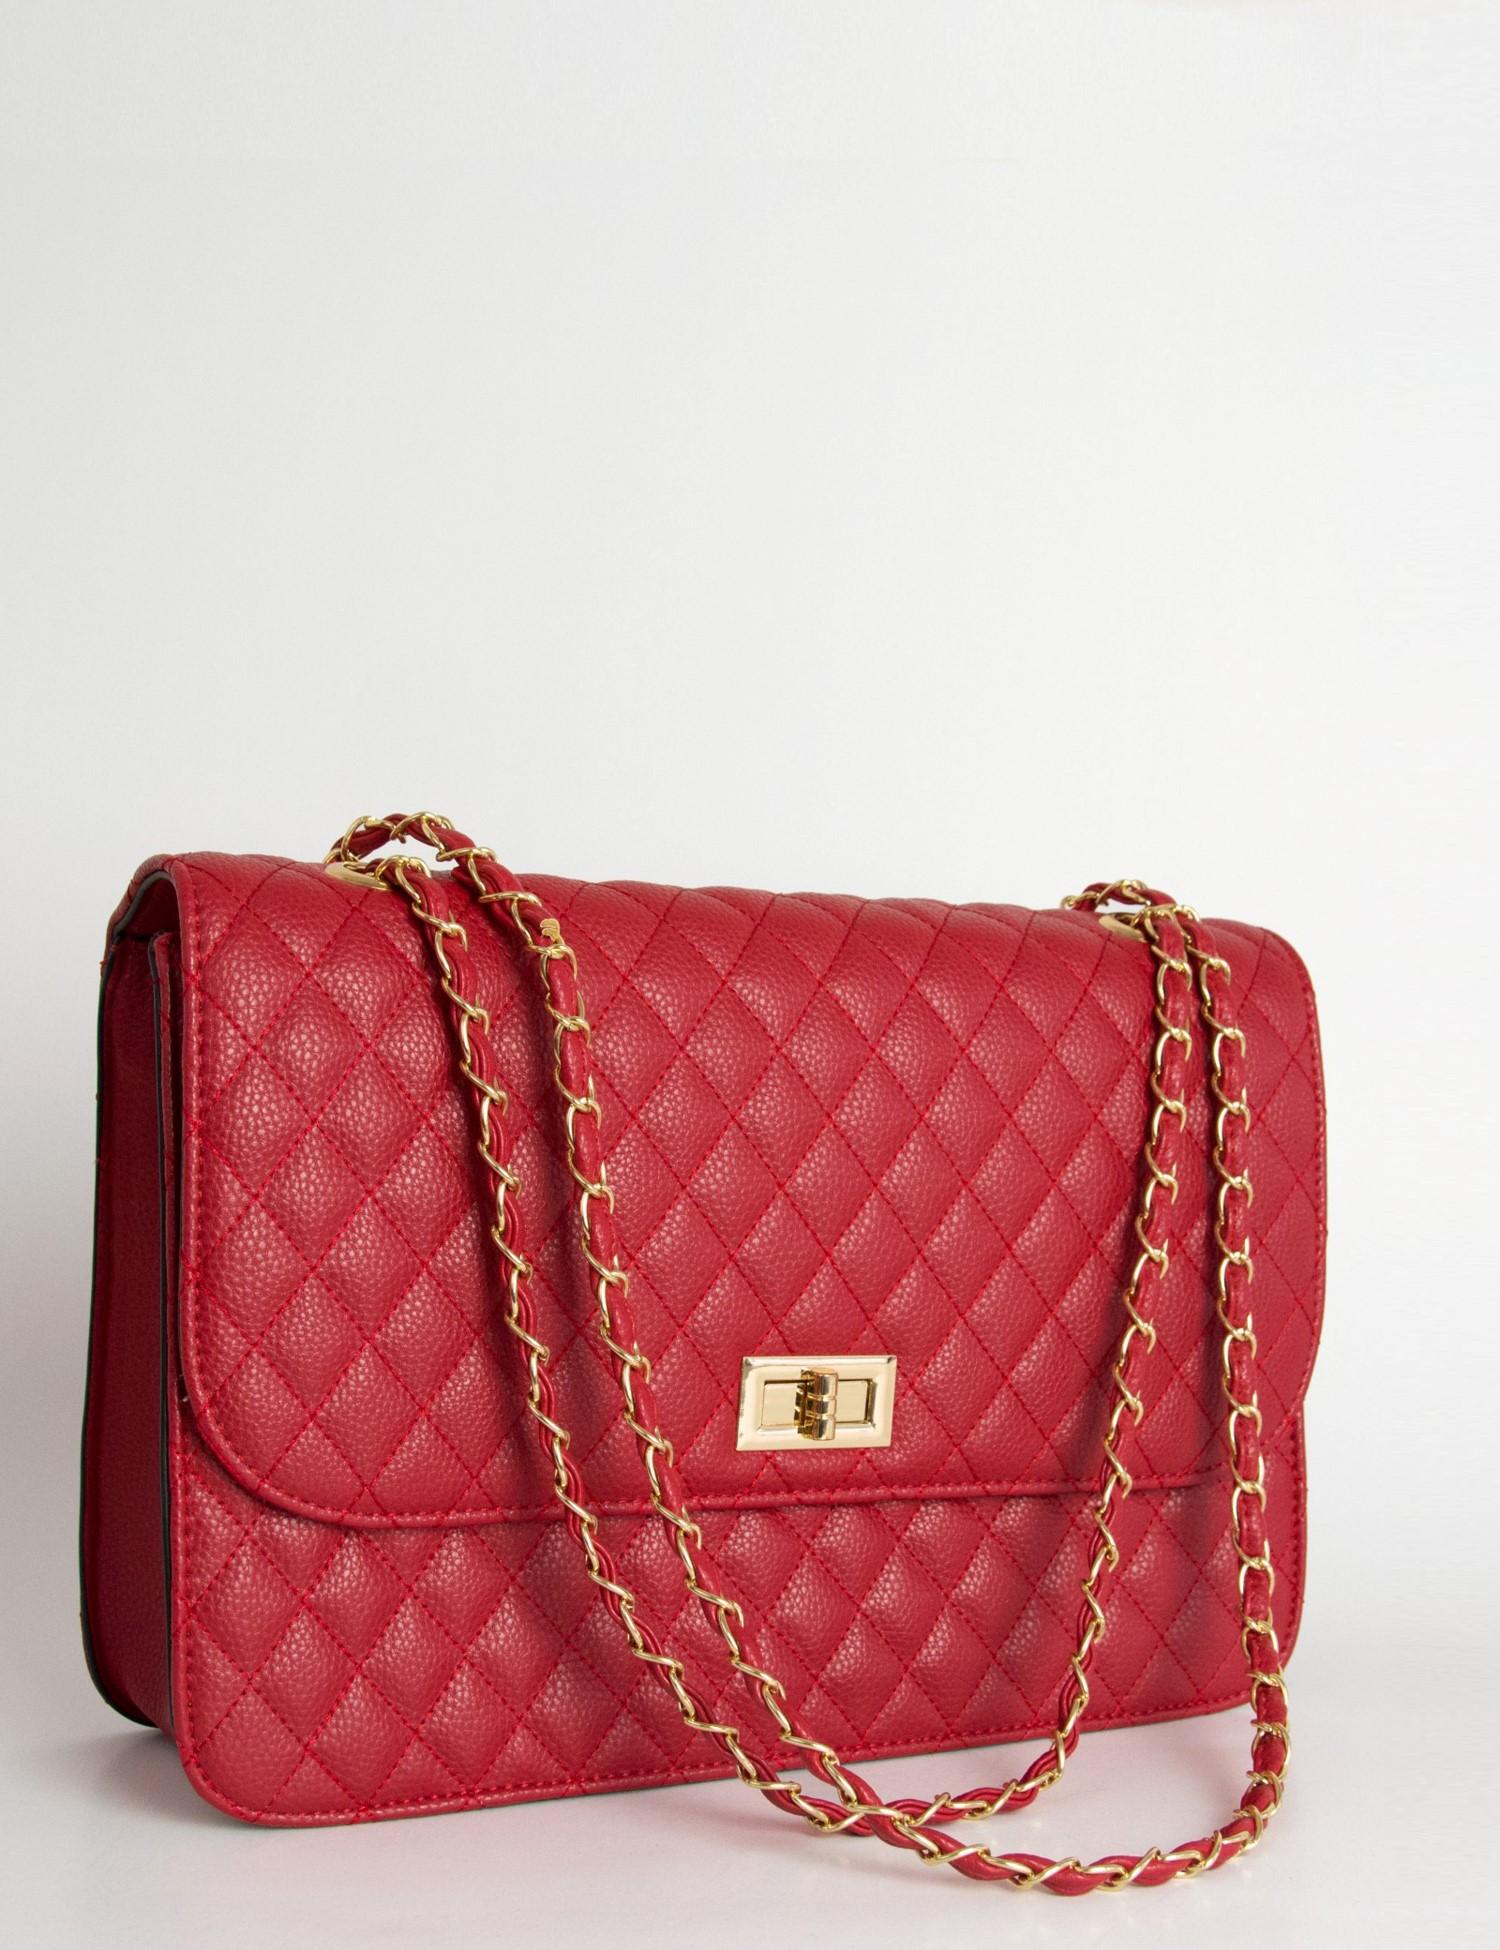 f16cddd6c5 Γυναικεία   Αξεσουάρ   Τσάντες   Πλάτης   Τσάντα DKNY-Δέρμα Τελατίνι ...